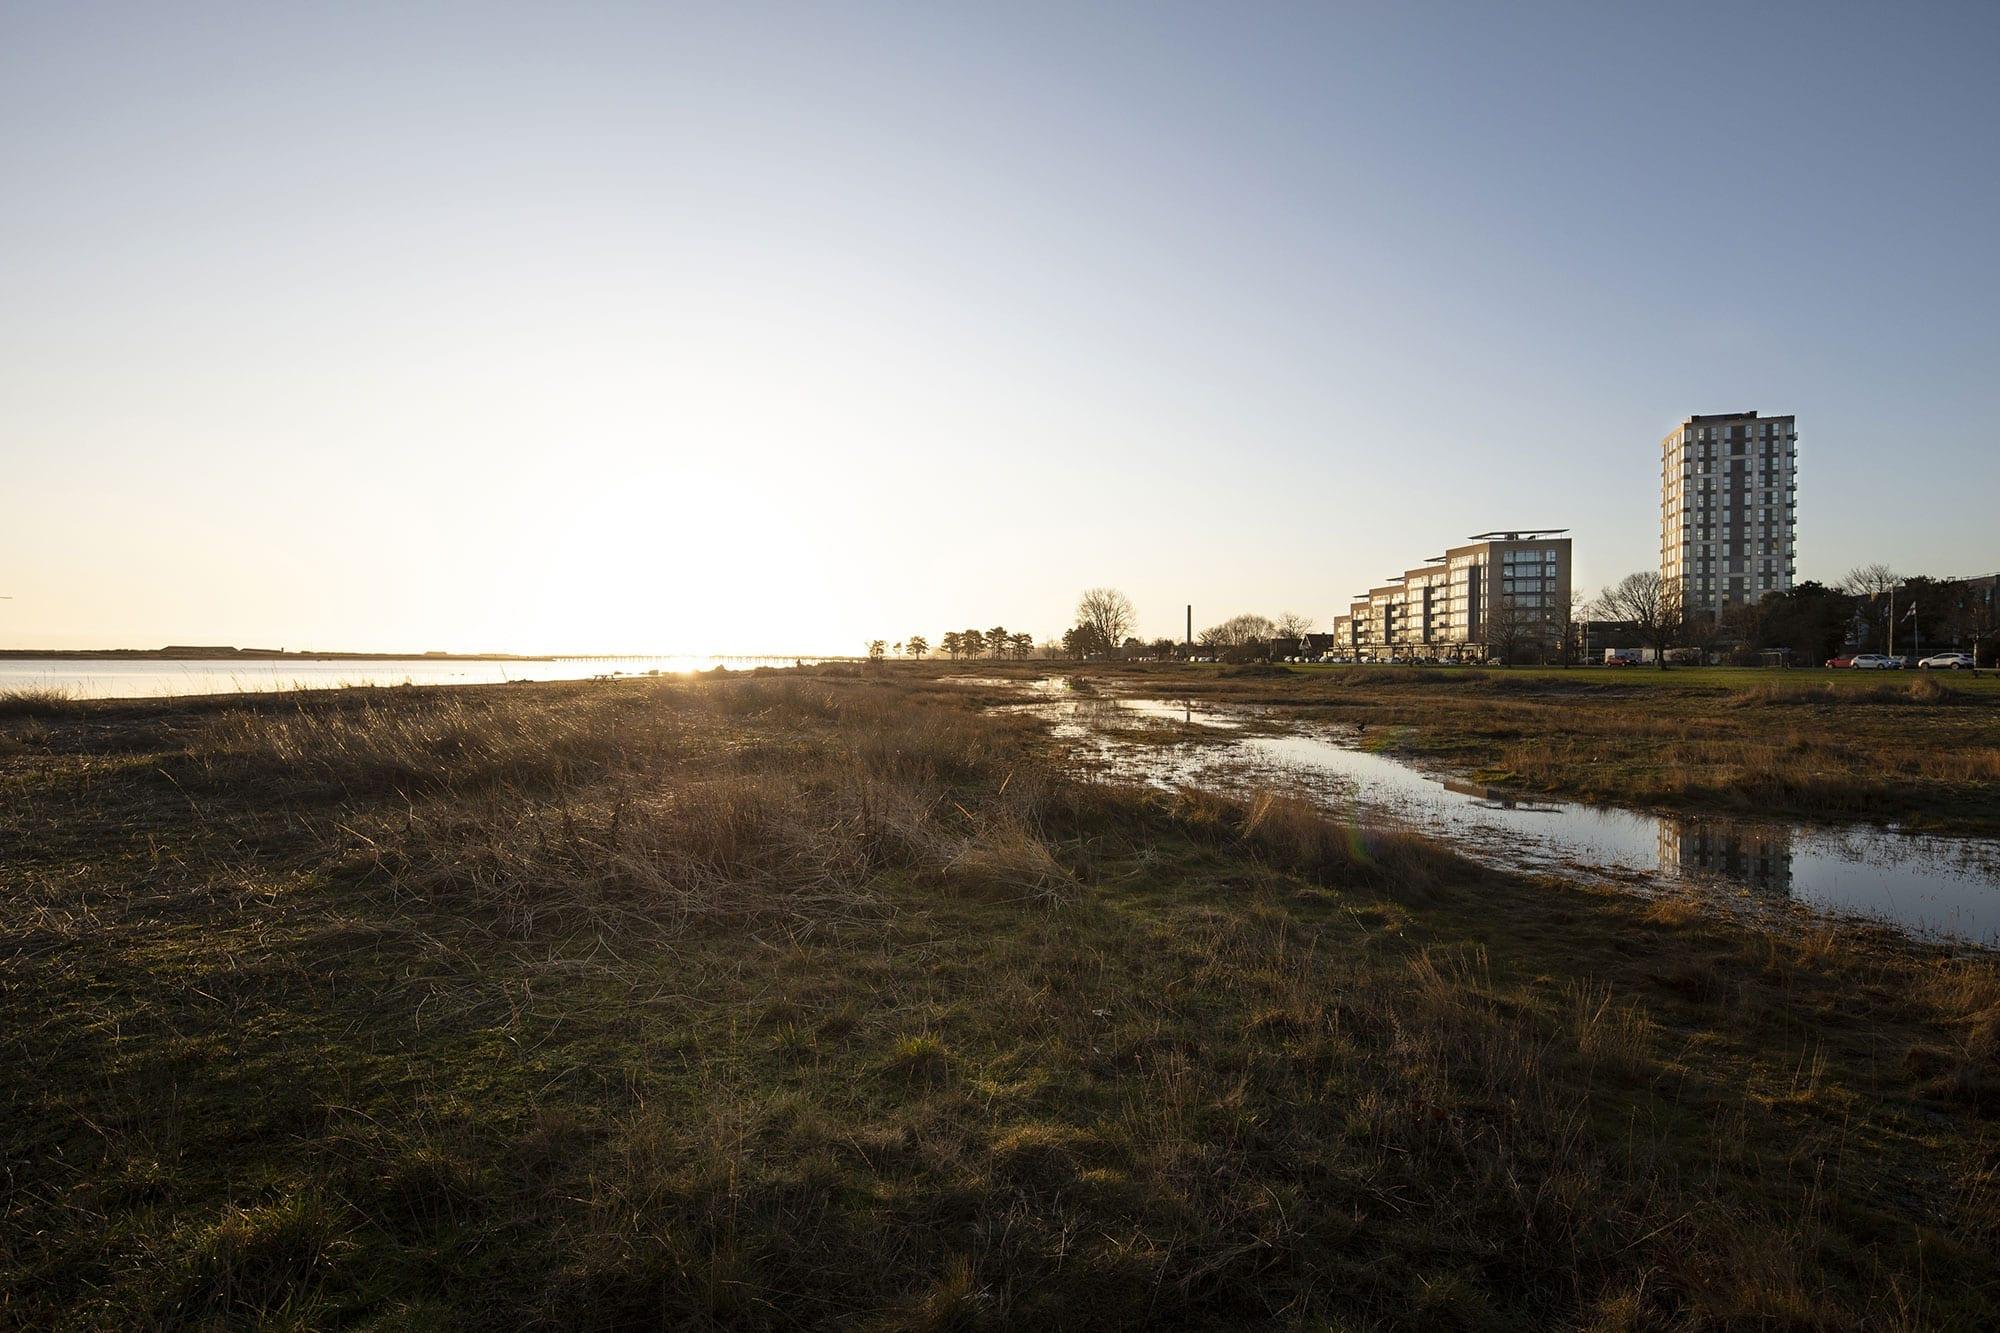 amager-strandpark-engene-strandkanten-strandtaarnet